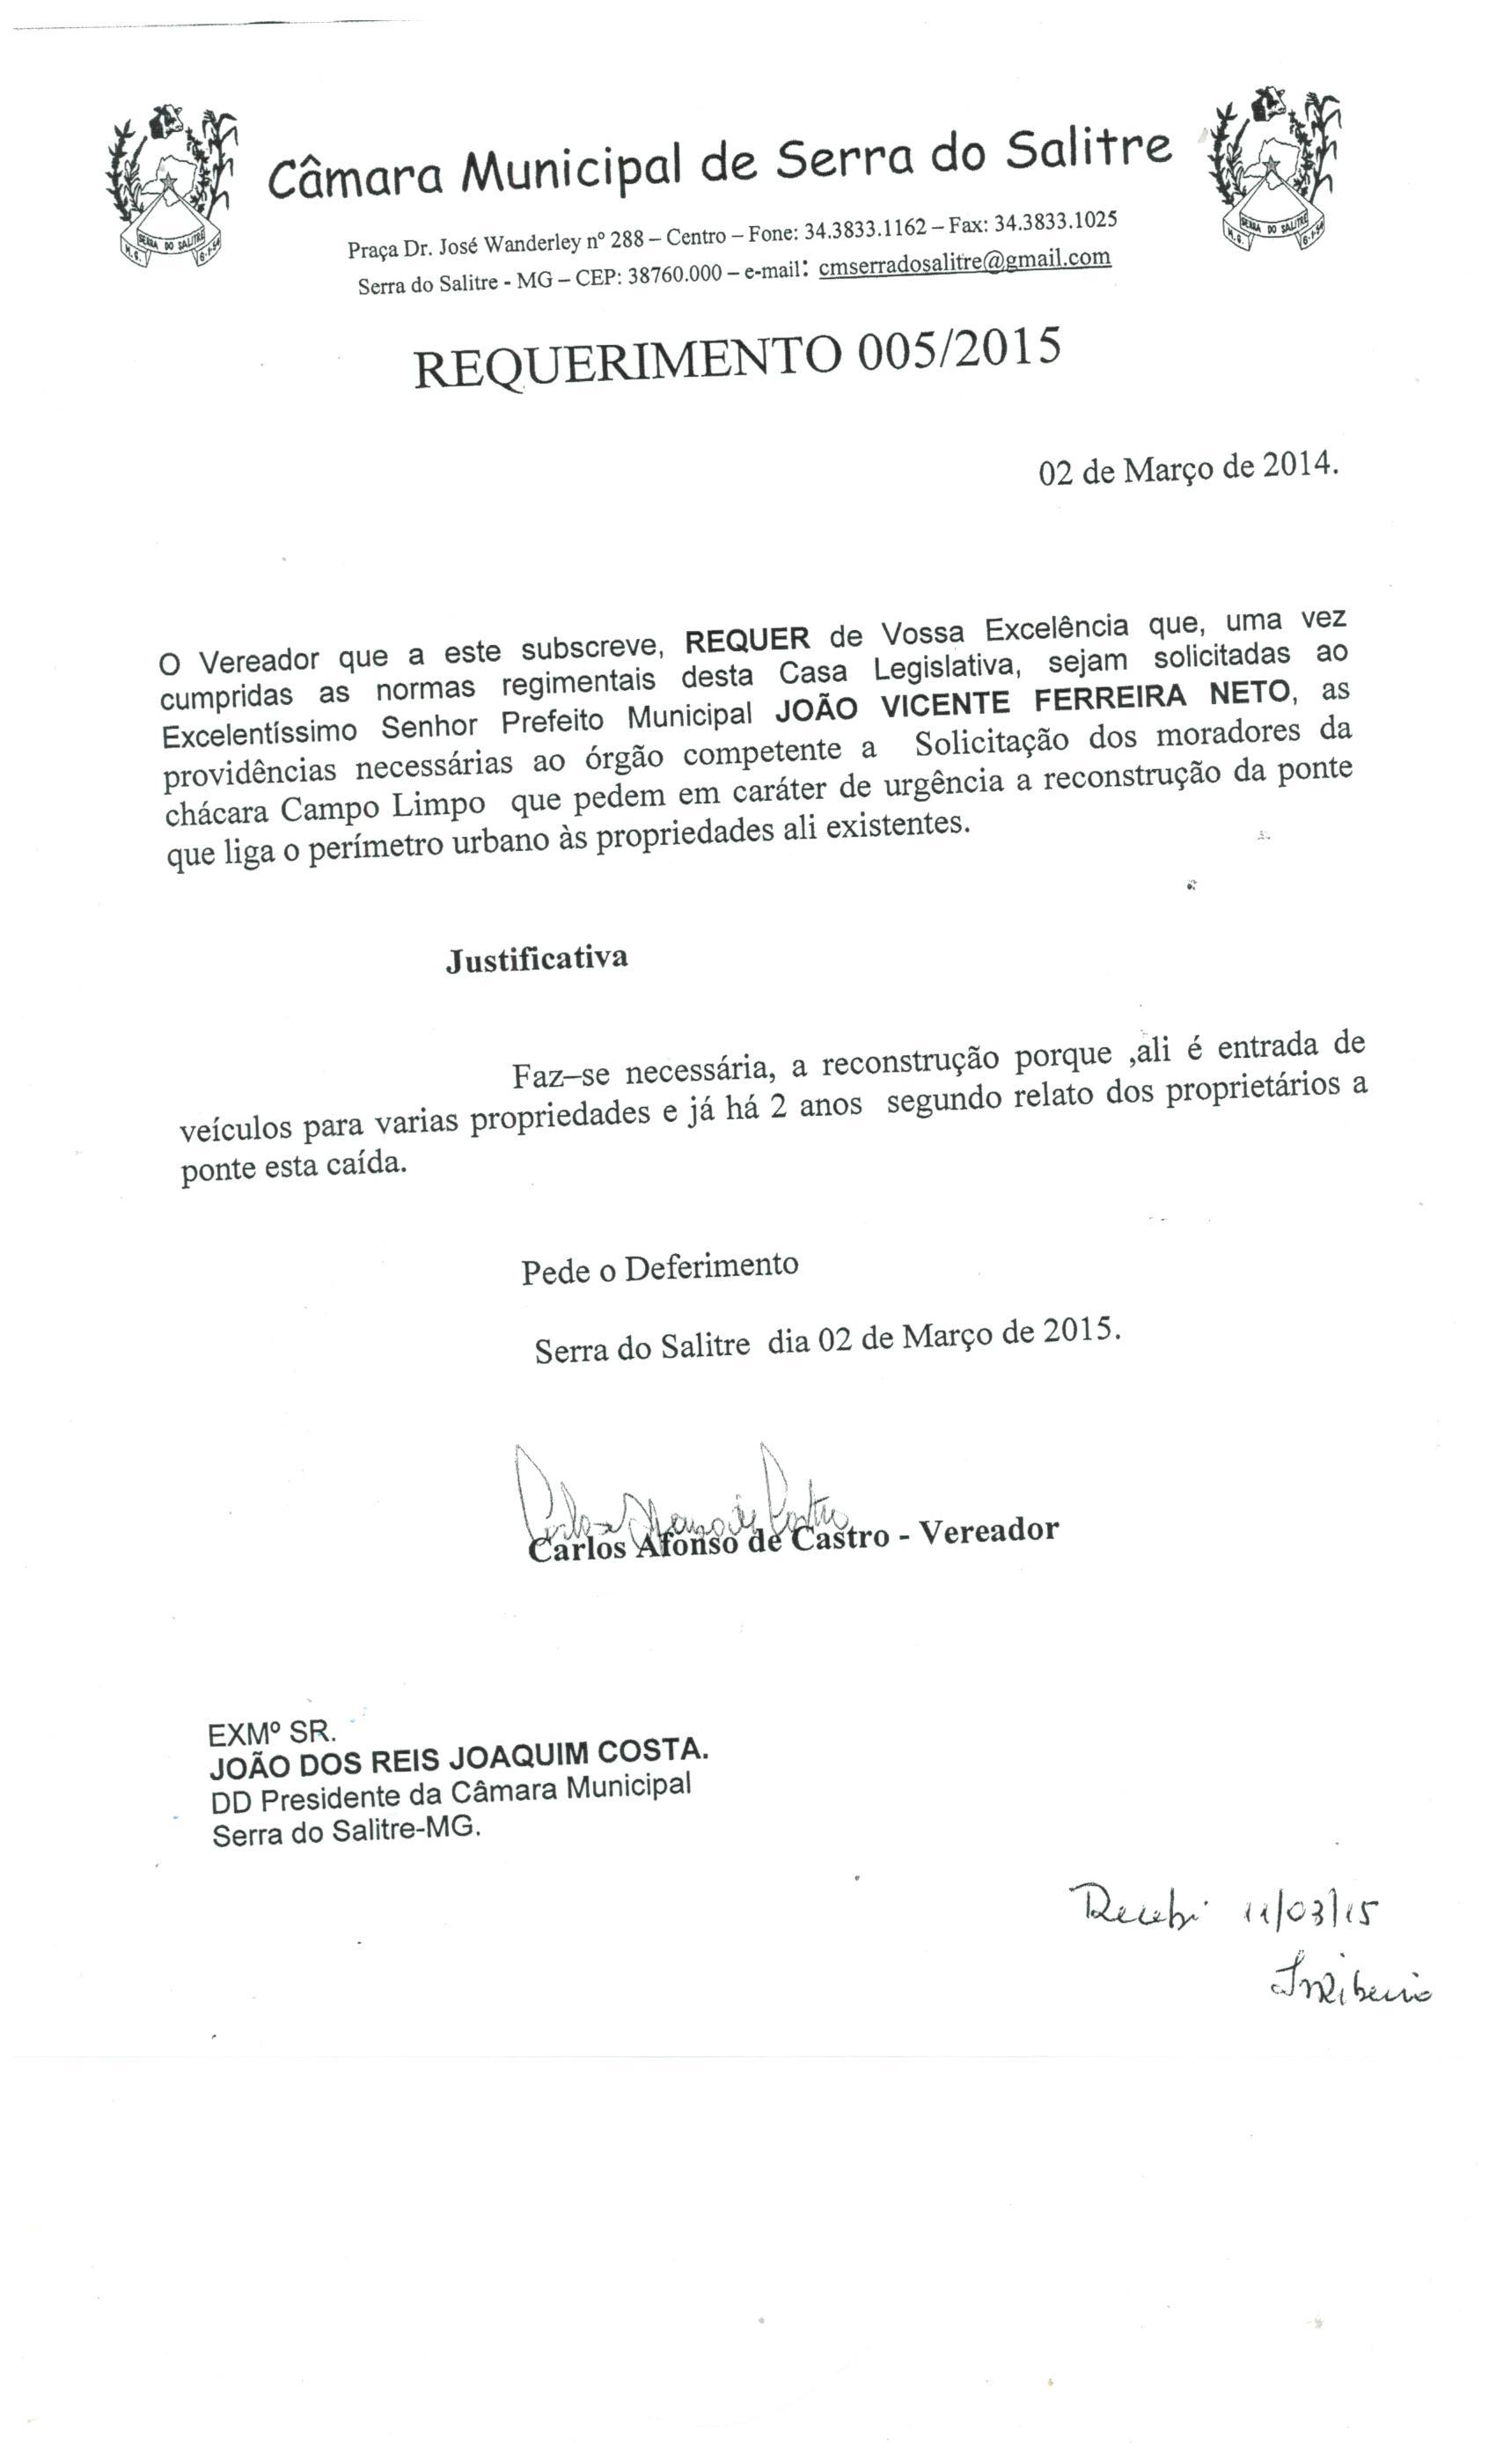 REQUERIMENTO_Nº_5.jpeg